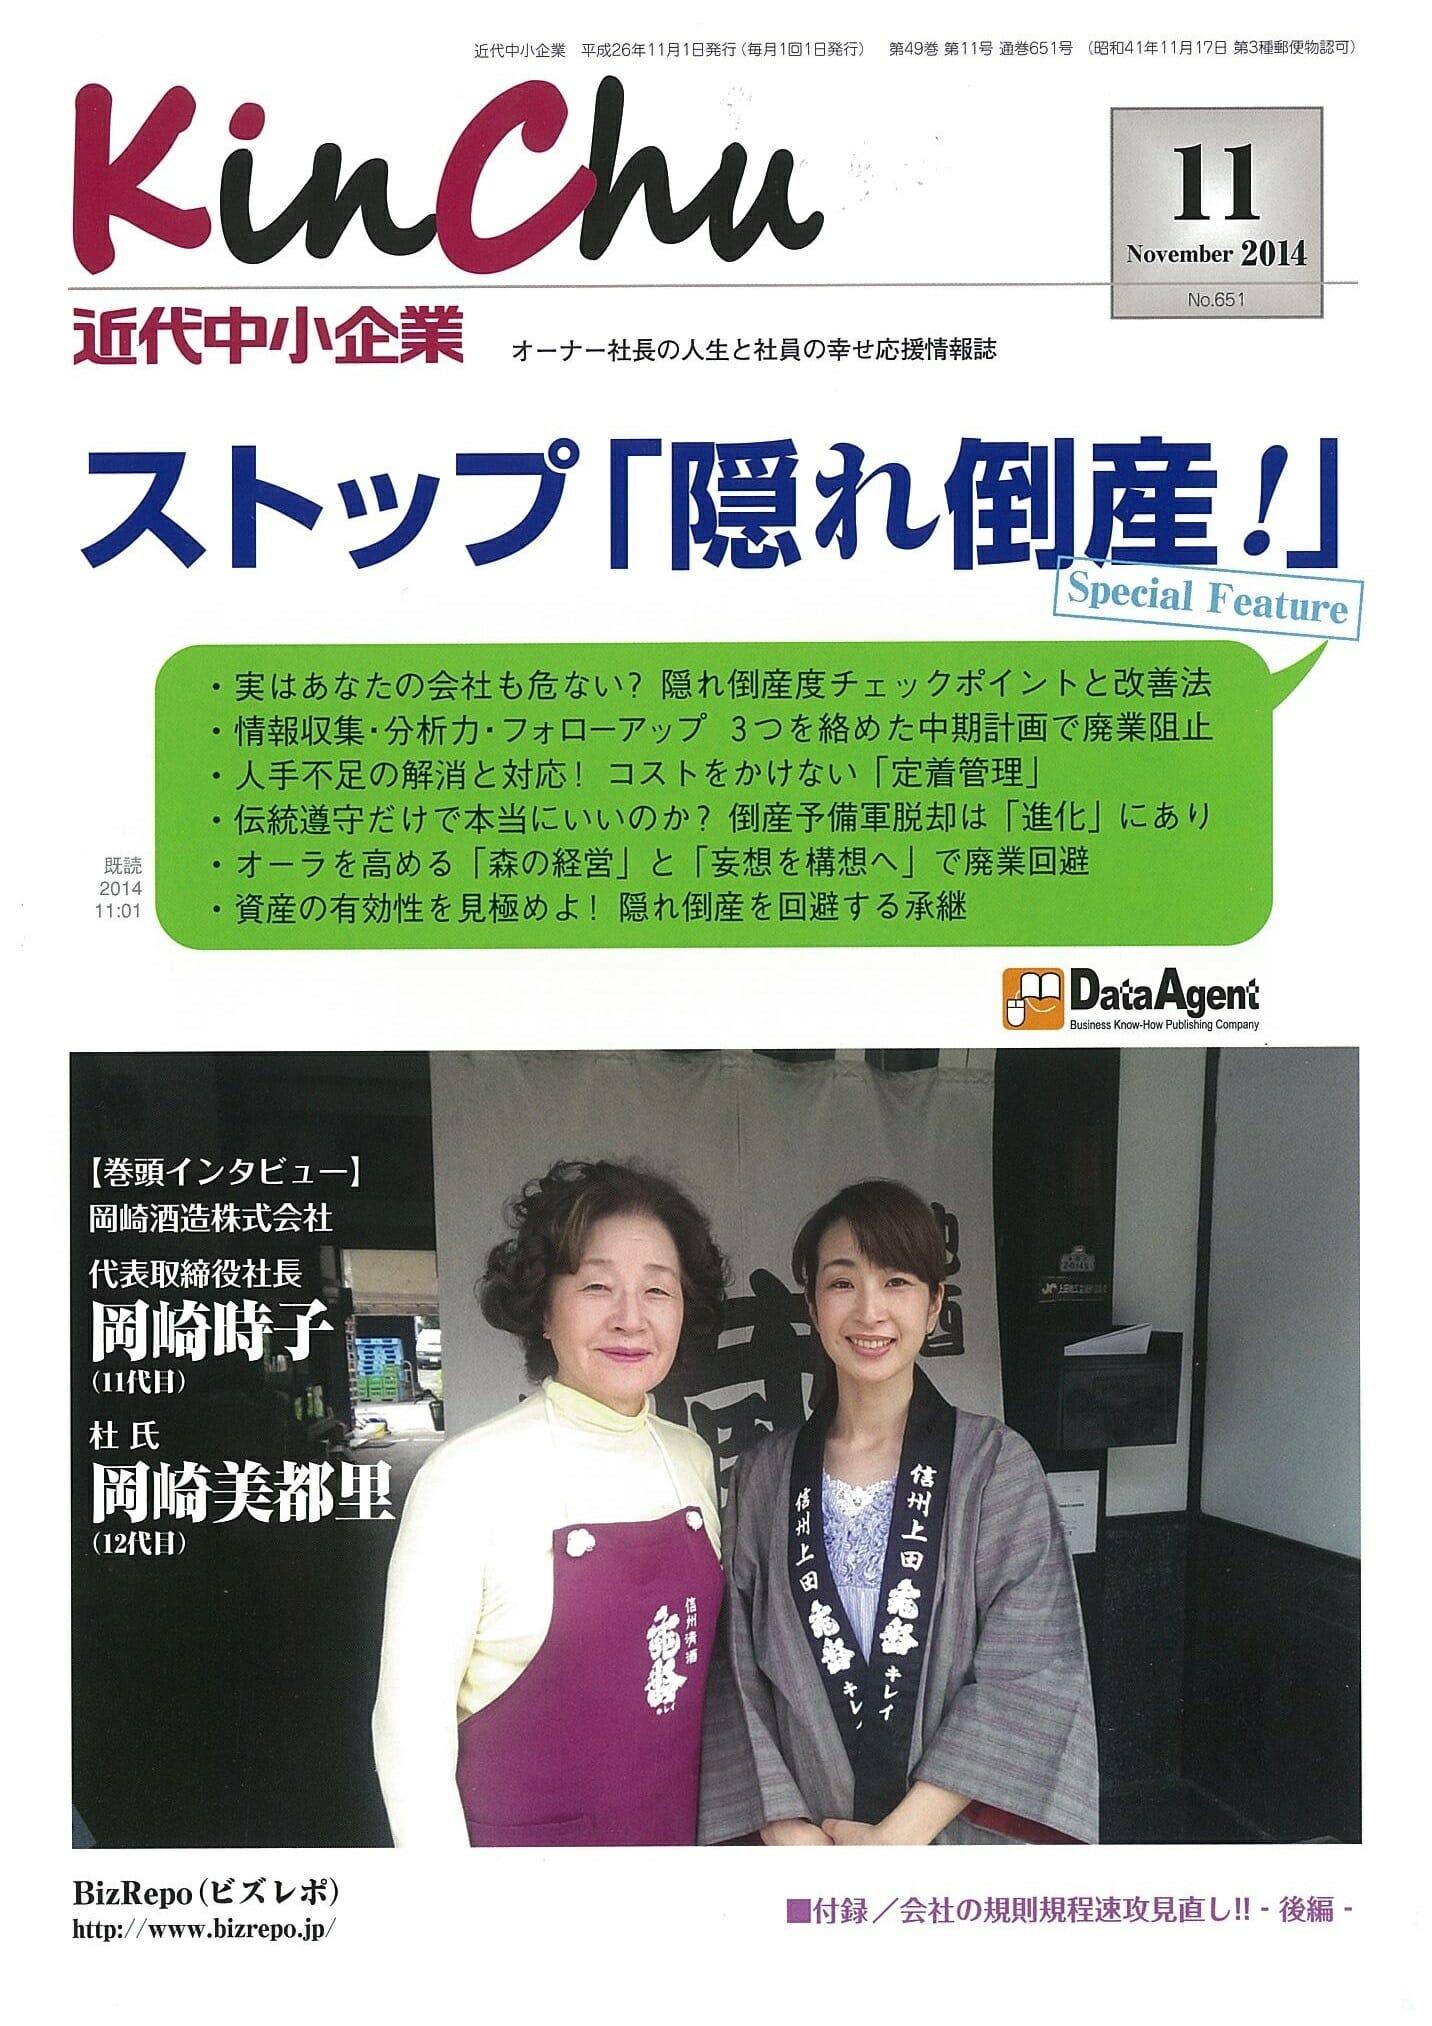 2014年11月1日 『近代中小企業』連載中 11月号